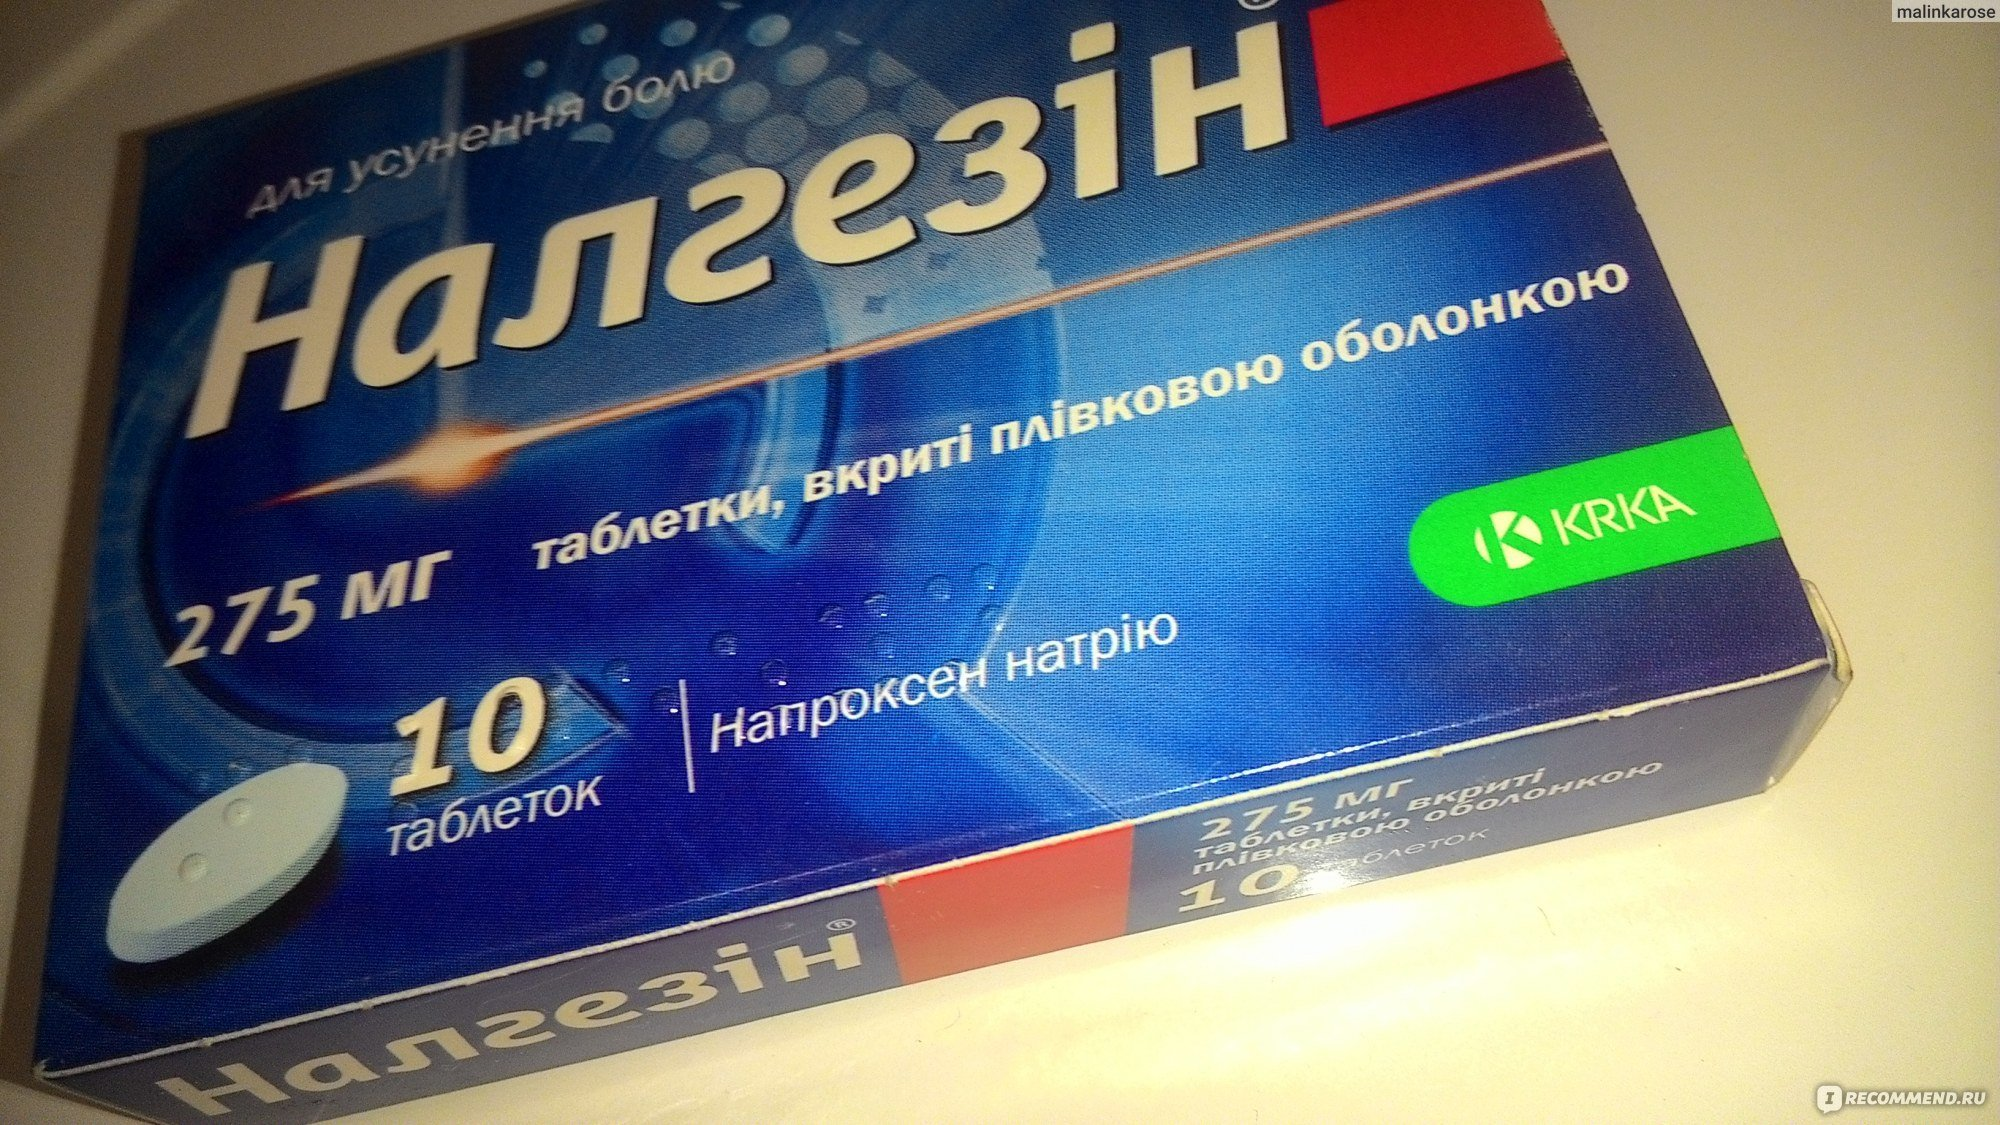 Действие препарата Налгезин и правила по его применению